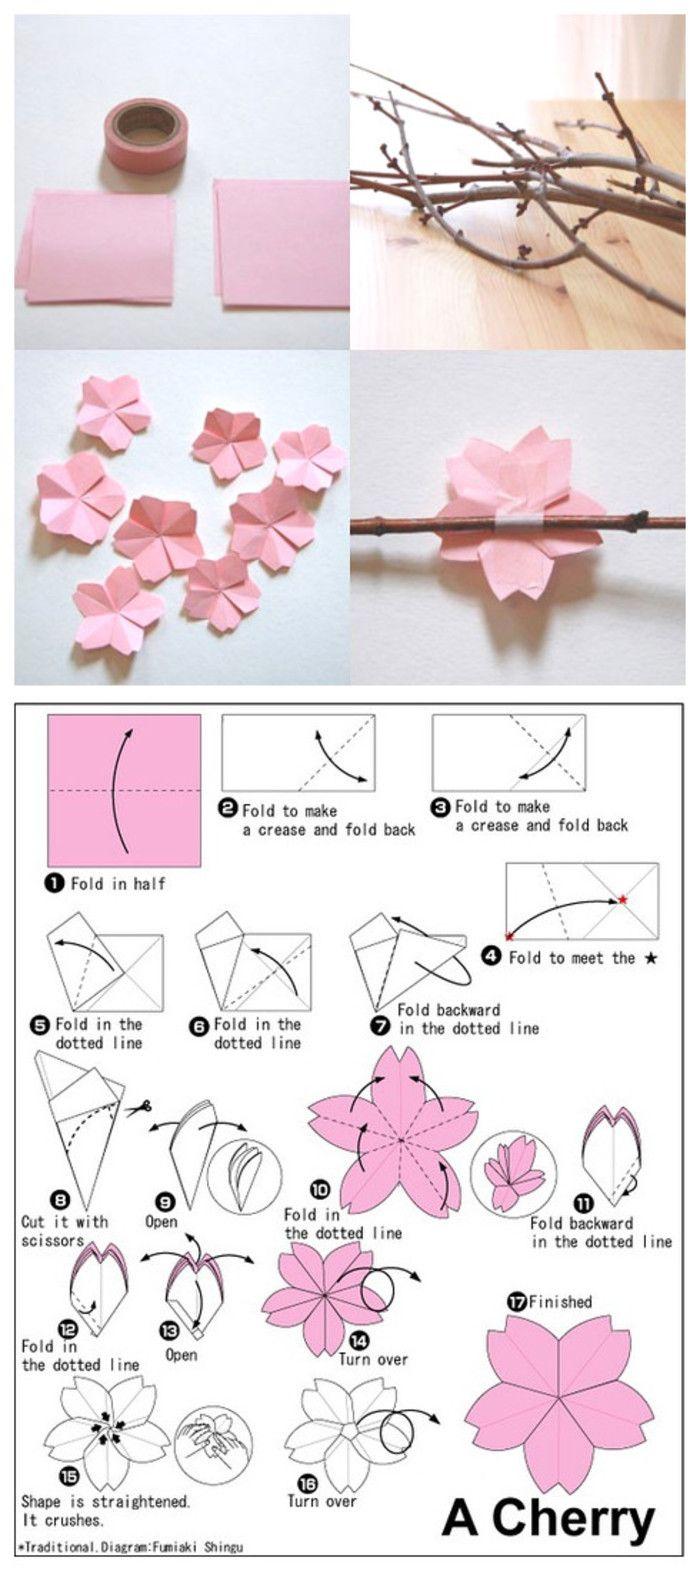 Origami cherry <a class='shortlnk' href='/s/18a19fc0157e042d' target='_blank' title='http://www.douban.com/photos/photo/1129700704/'> http://duitang.com / s / 18a19fc0157e042d </a>